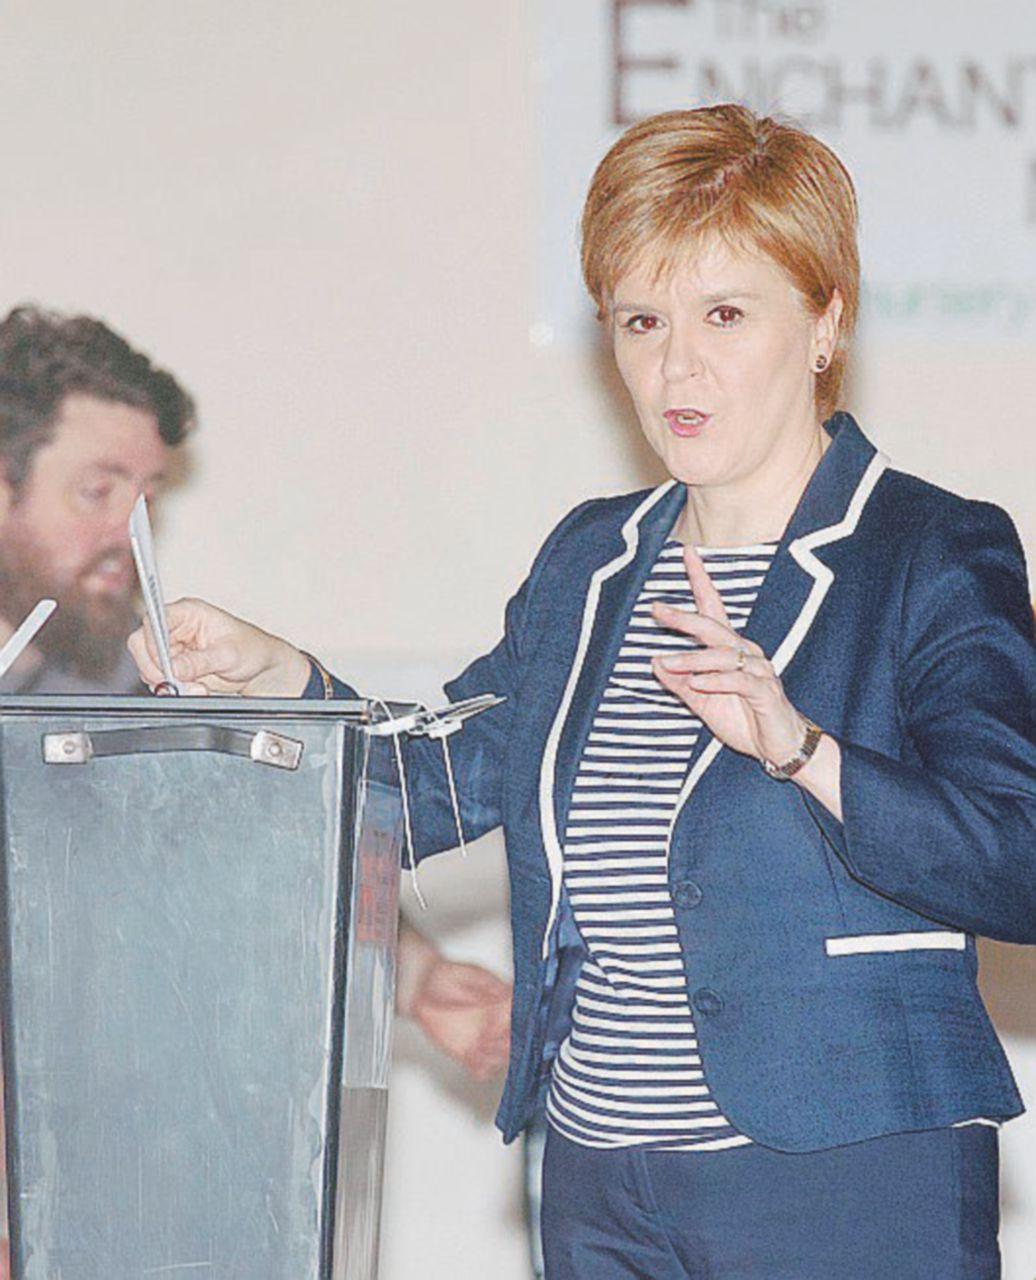 L'altra donna nell'urna: Nicola anti-Theresa per l'indipendenza della sua Scozia